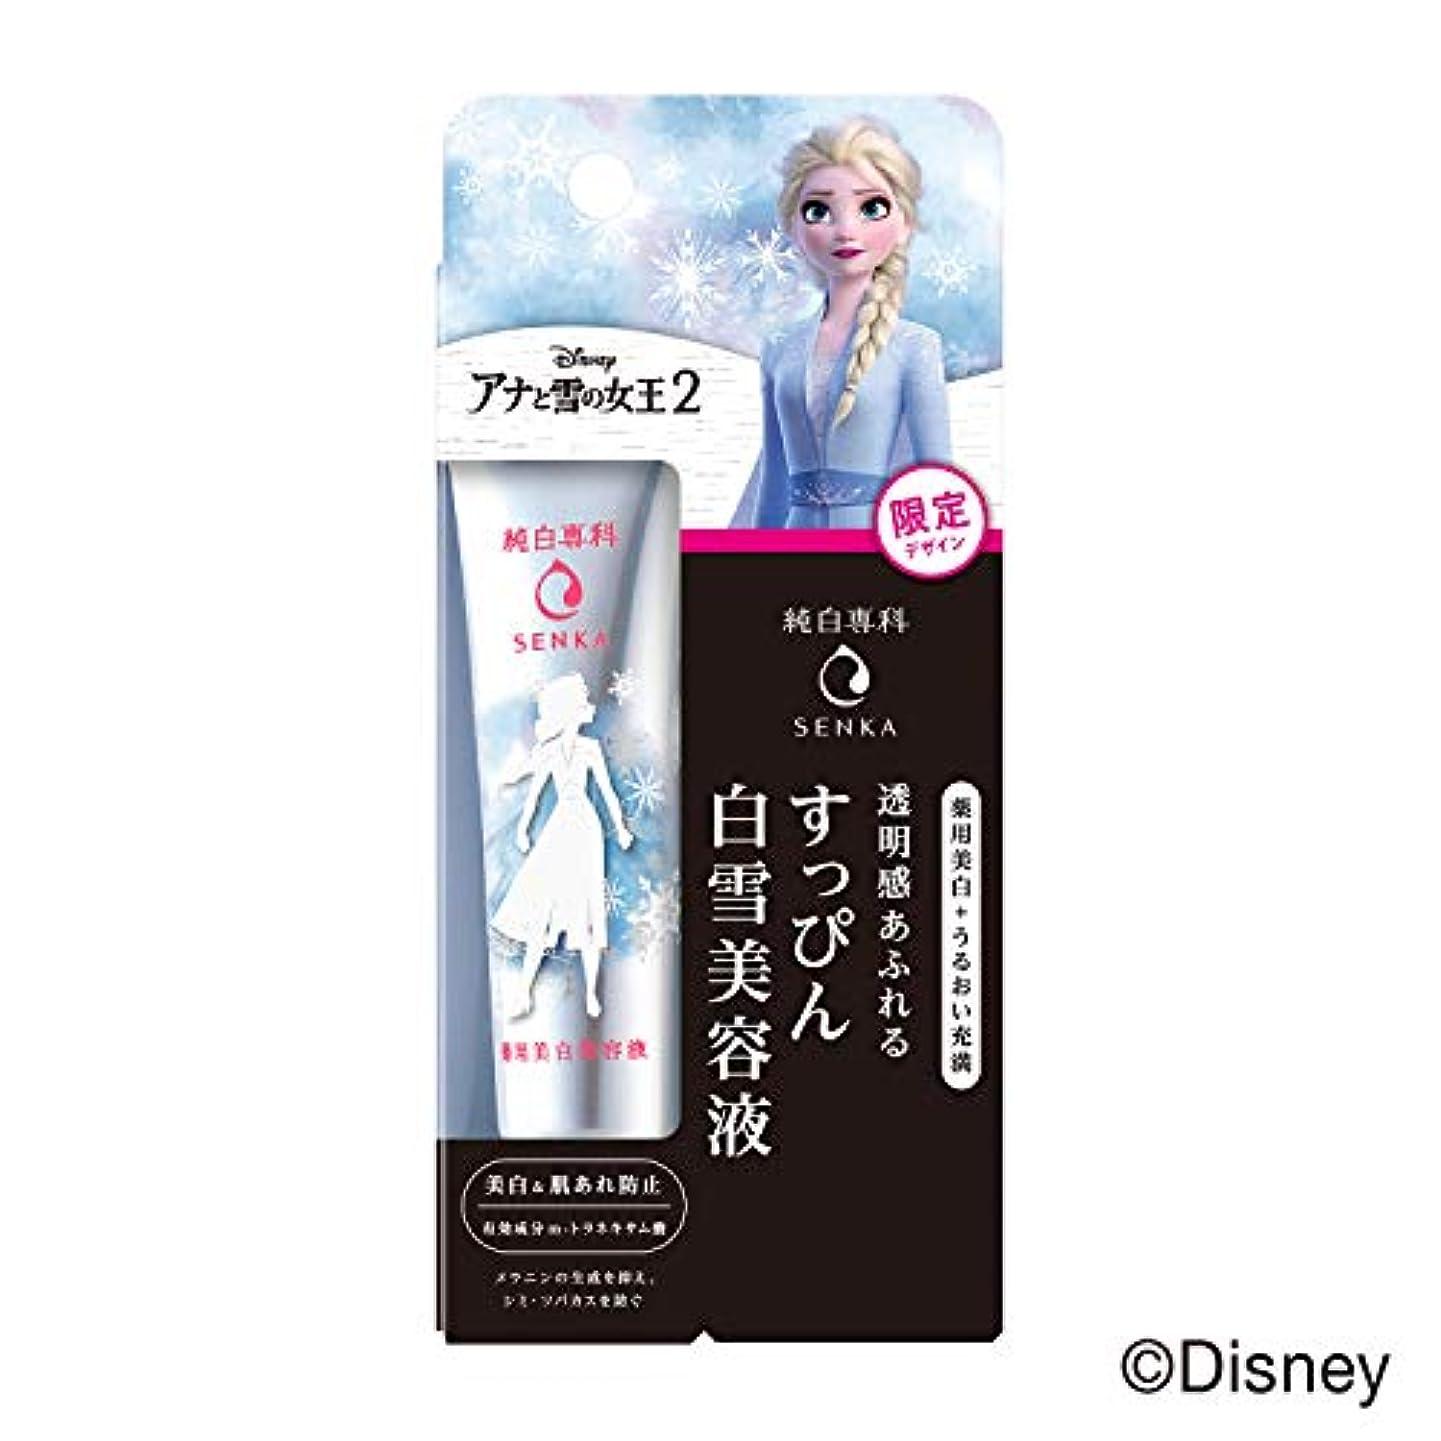 確認してください帳面相手純白専科 すっぴん白雪美容液 ディズニー映画『アナと雪の女王2』限定デザイン